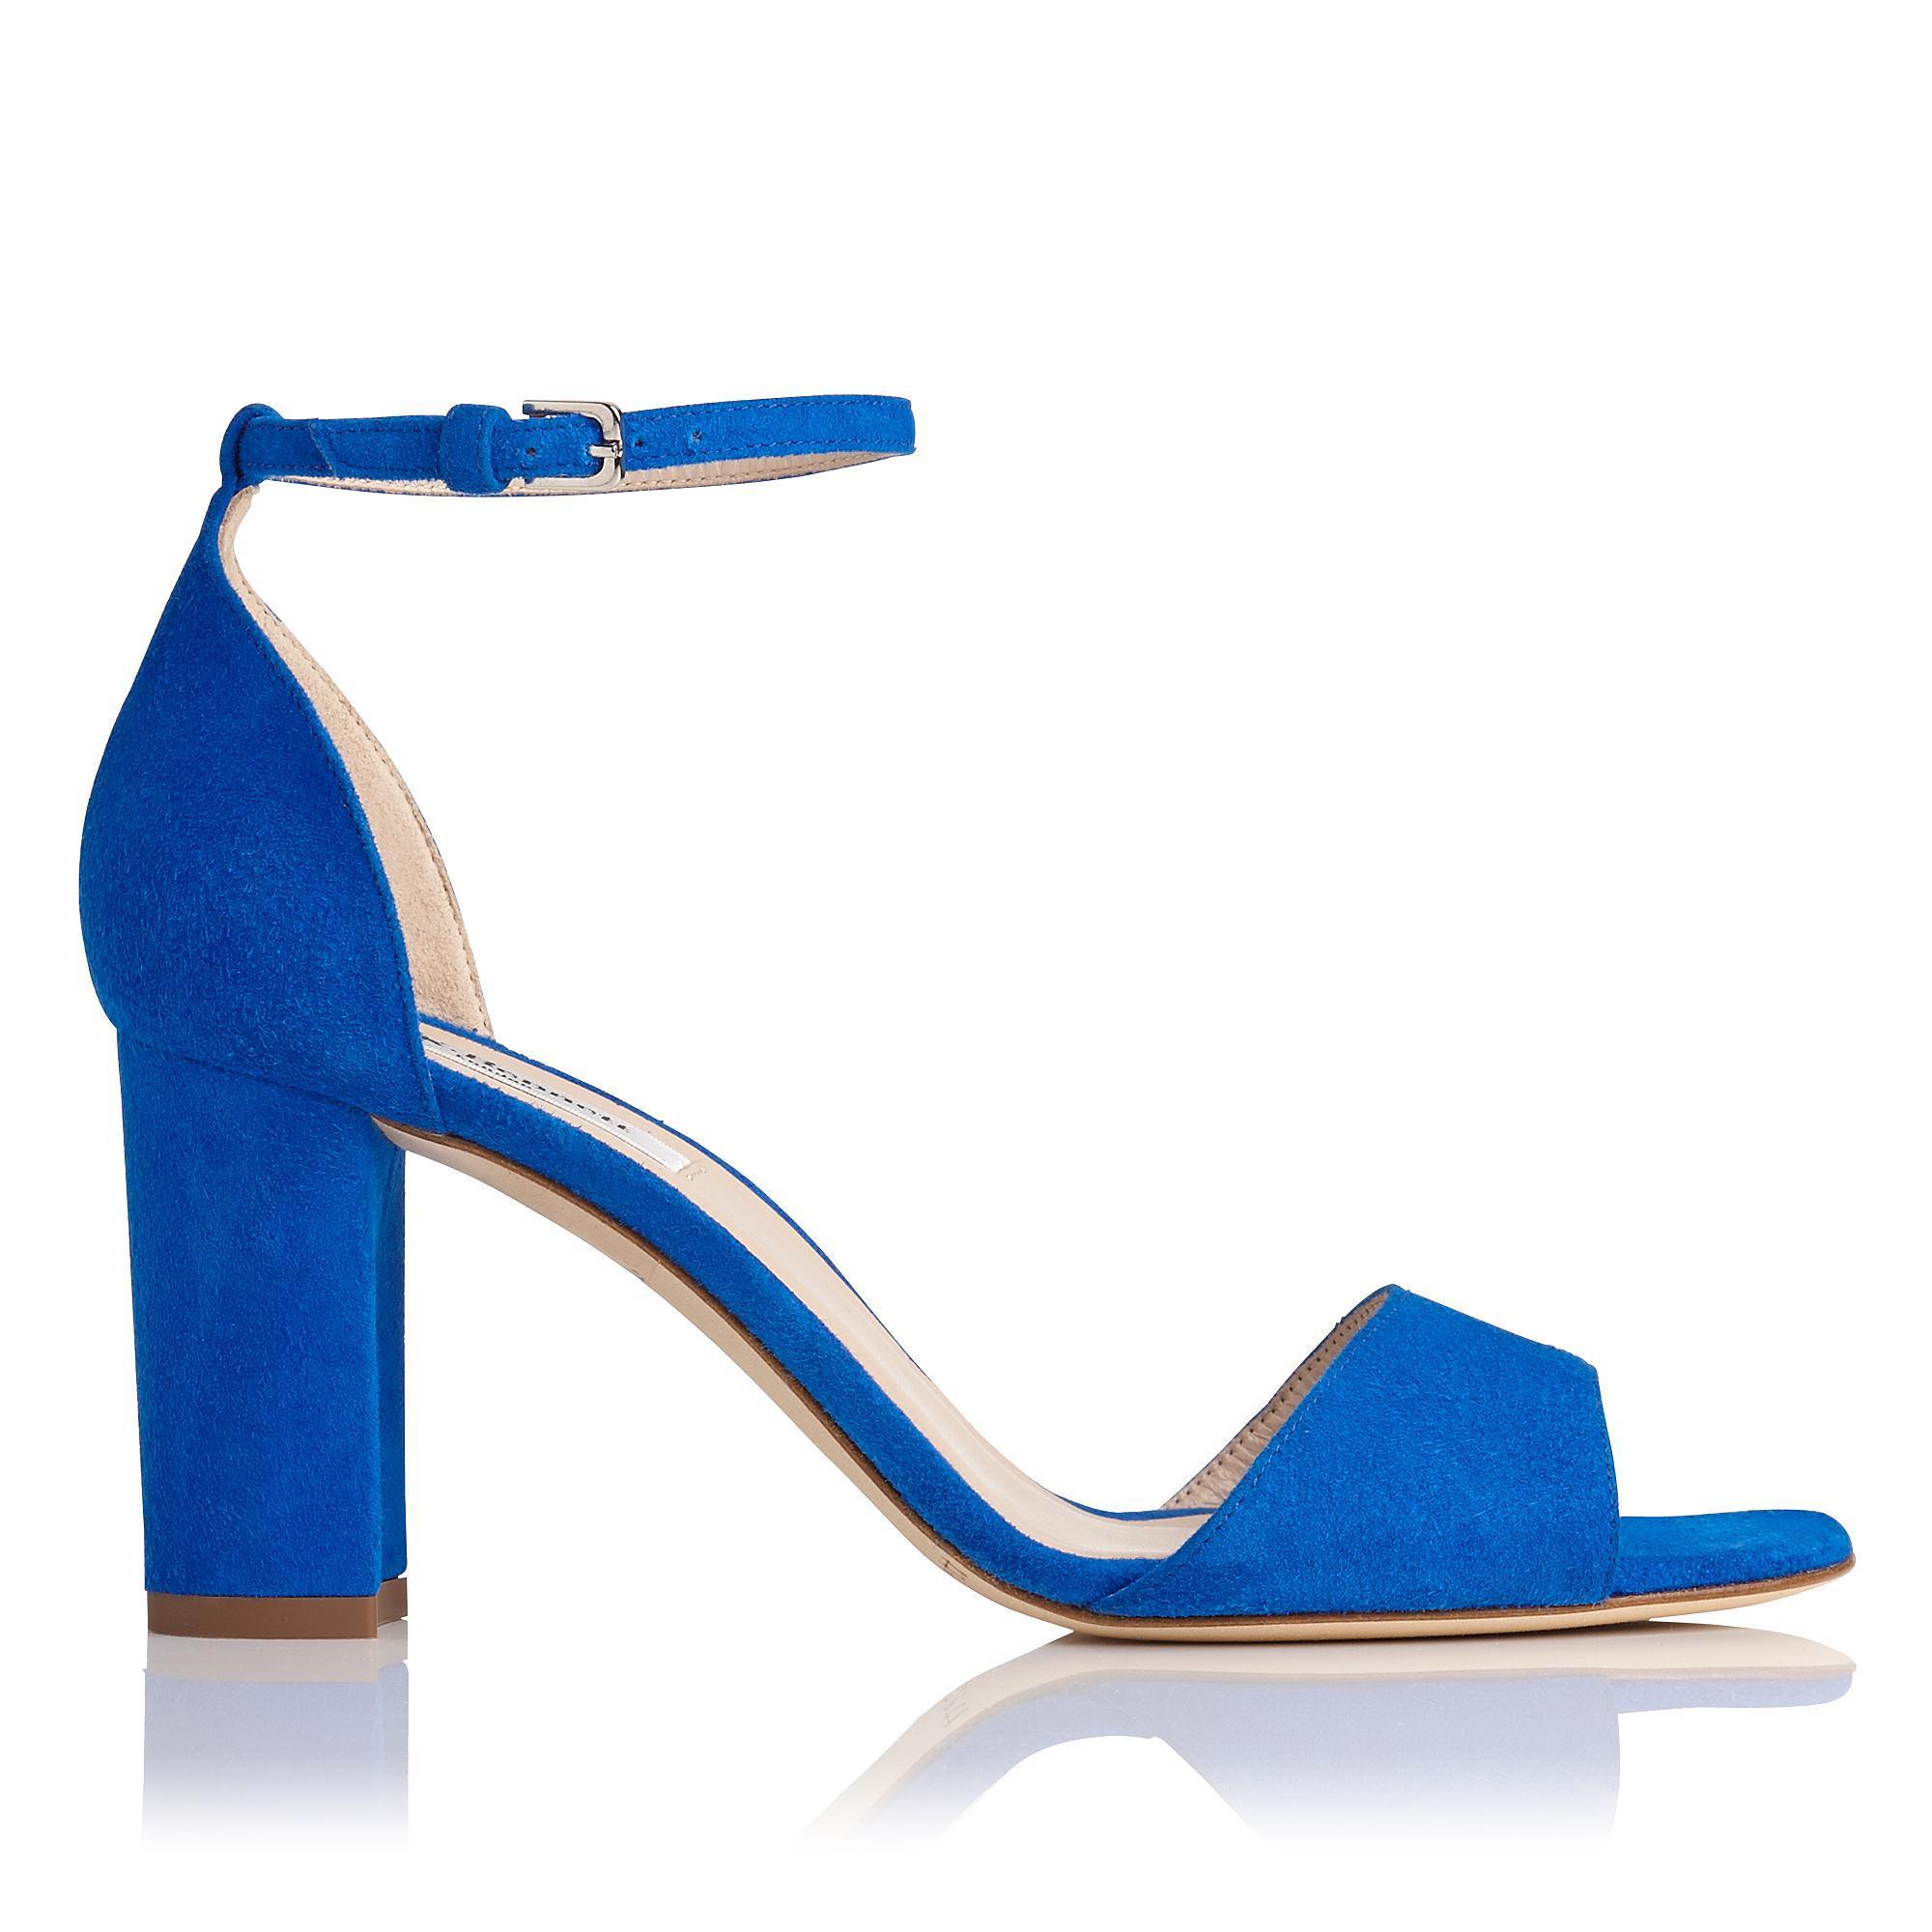 5533b6a5a5 Lyst - L.K.Bennett Helena Block Heeled Sandals in Blue